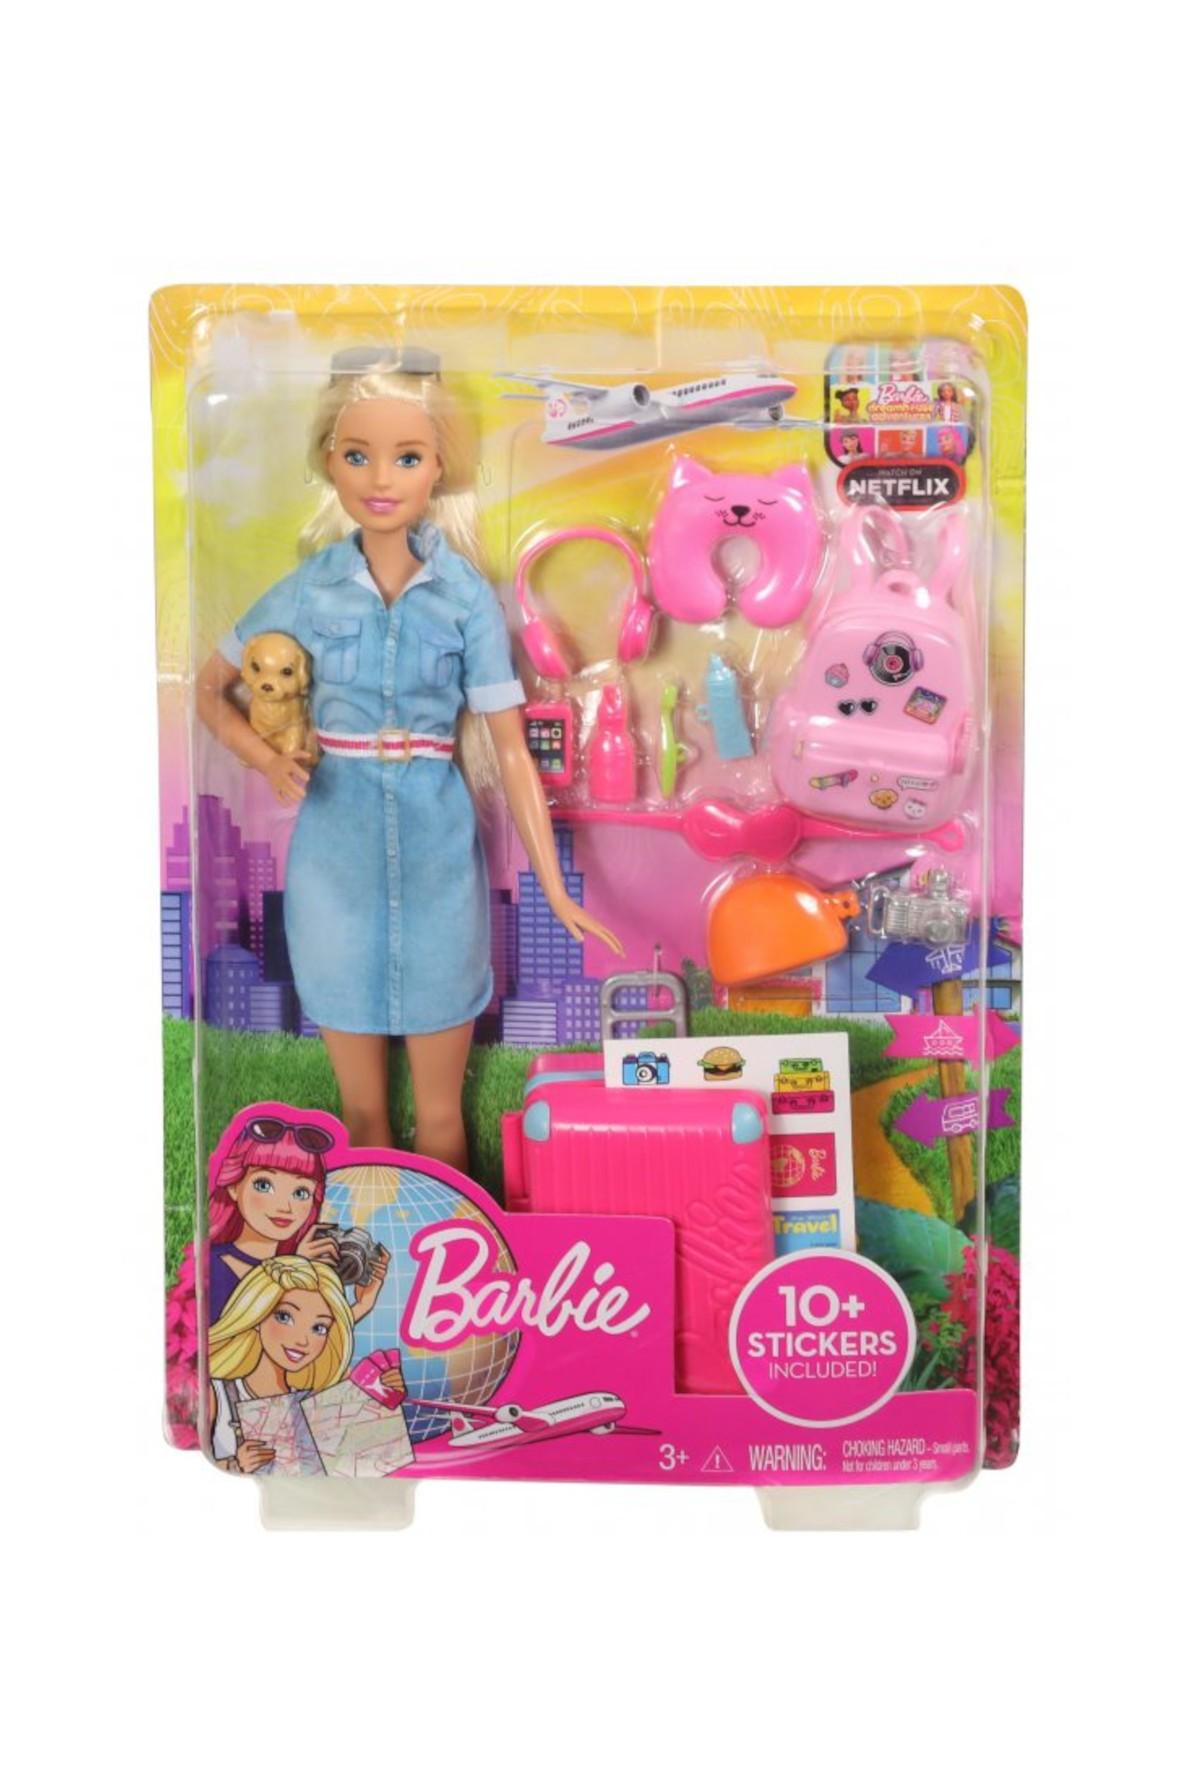 Barbie Dreamhouse Adventures - Lalka w podróży z pieskiem wiek 3+